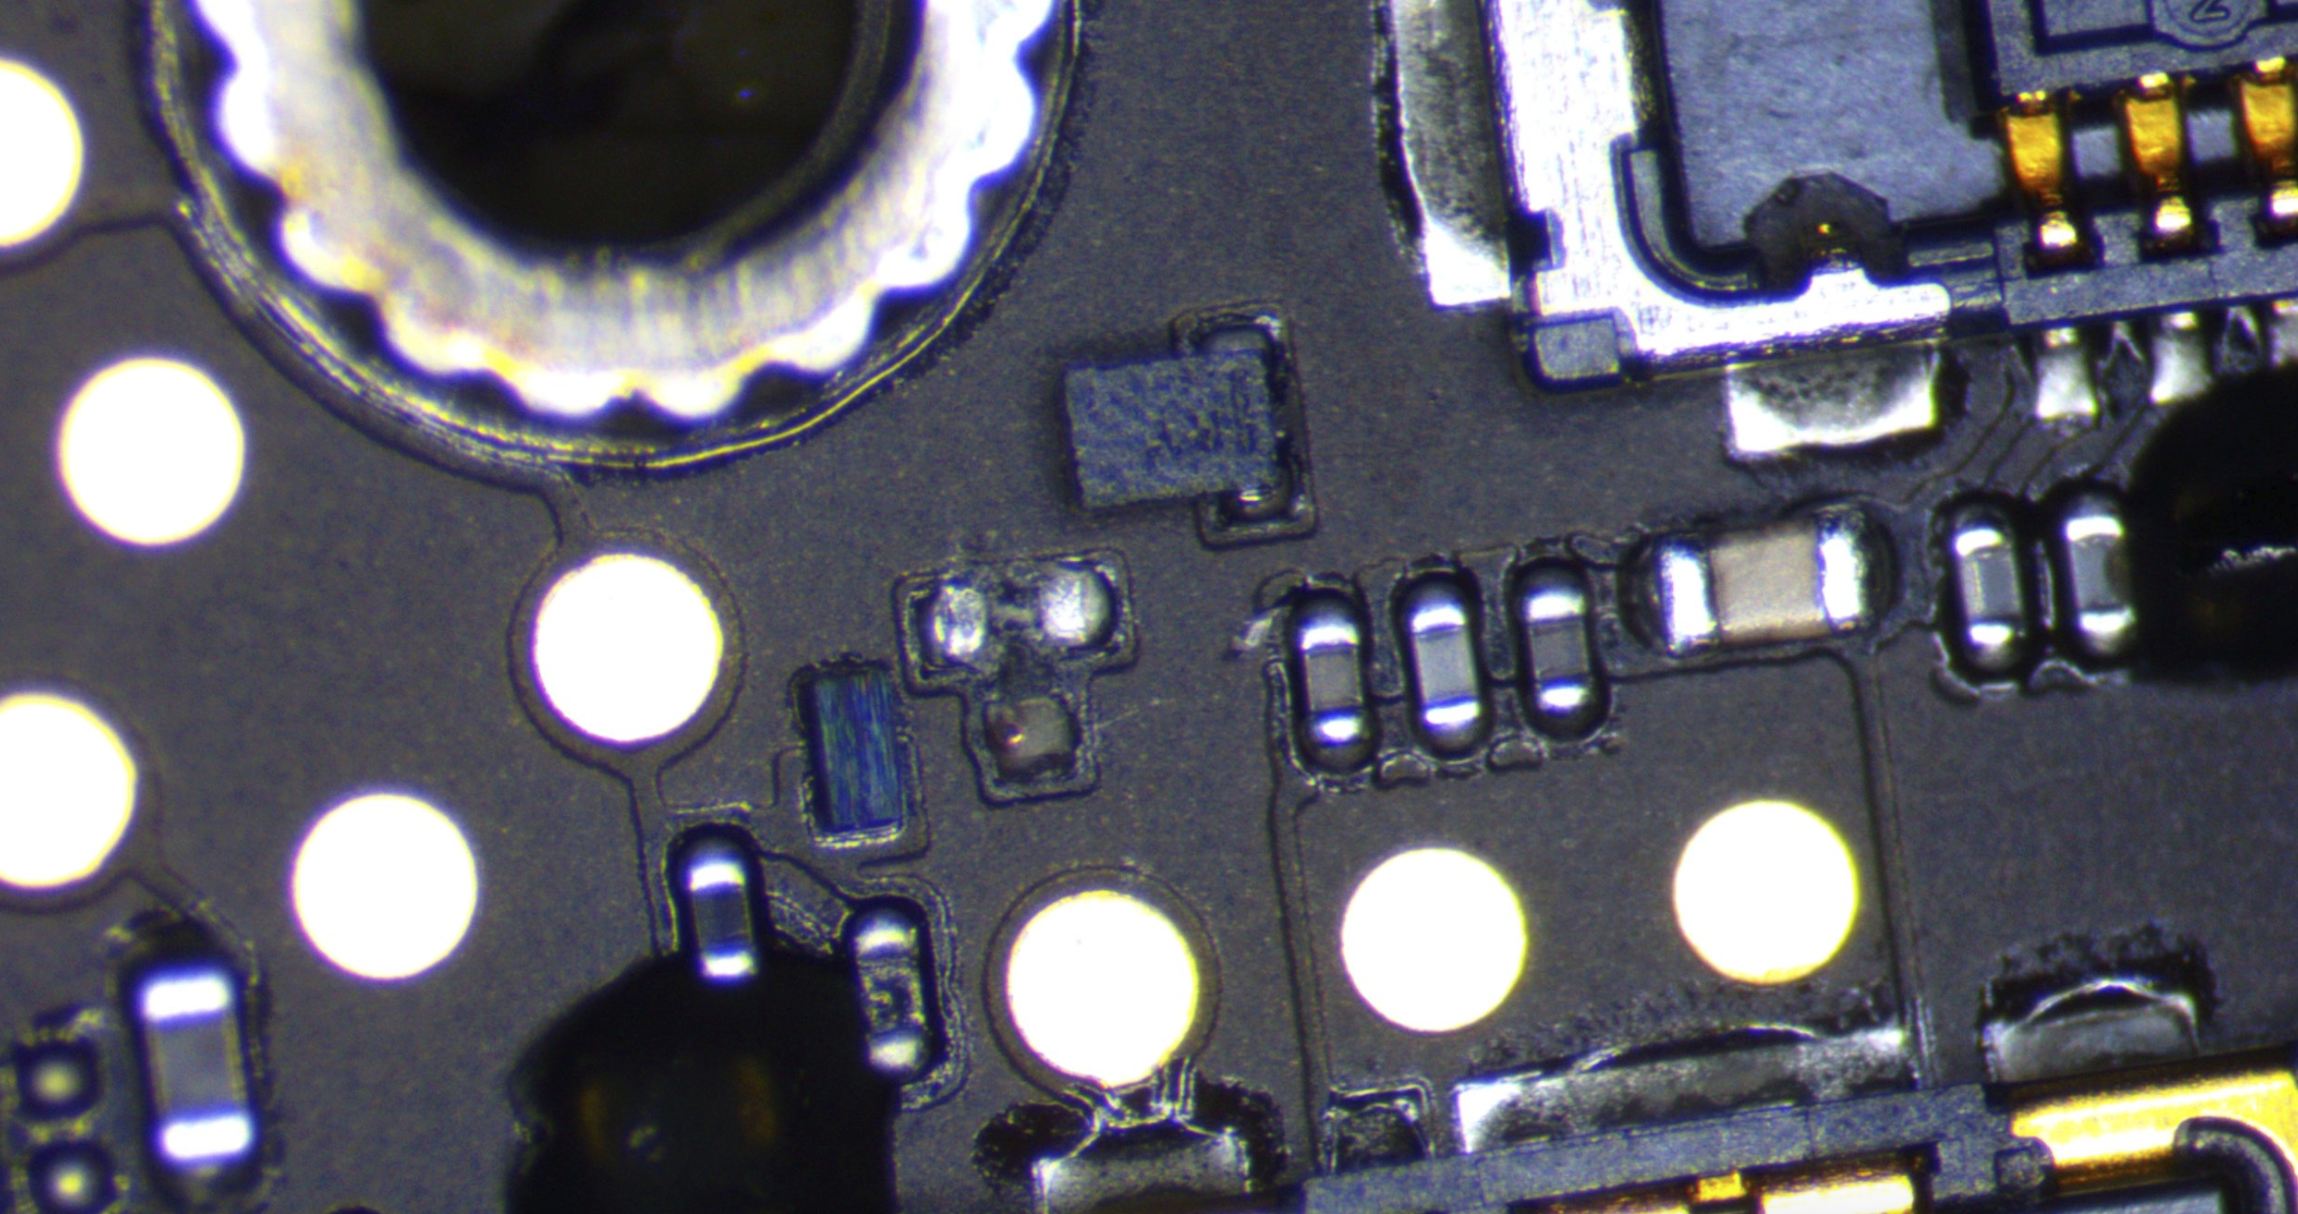 Broken gas gauge mosfet ic iphone 8